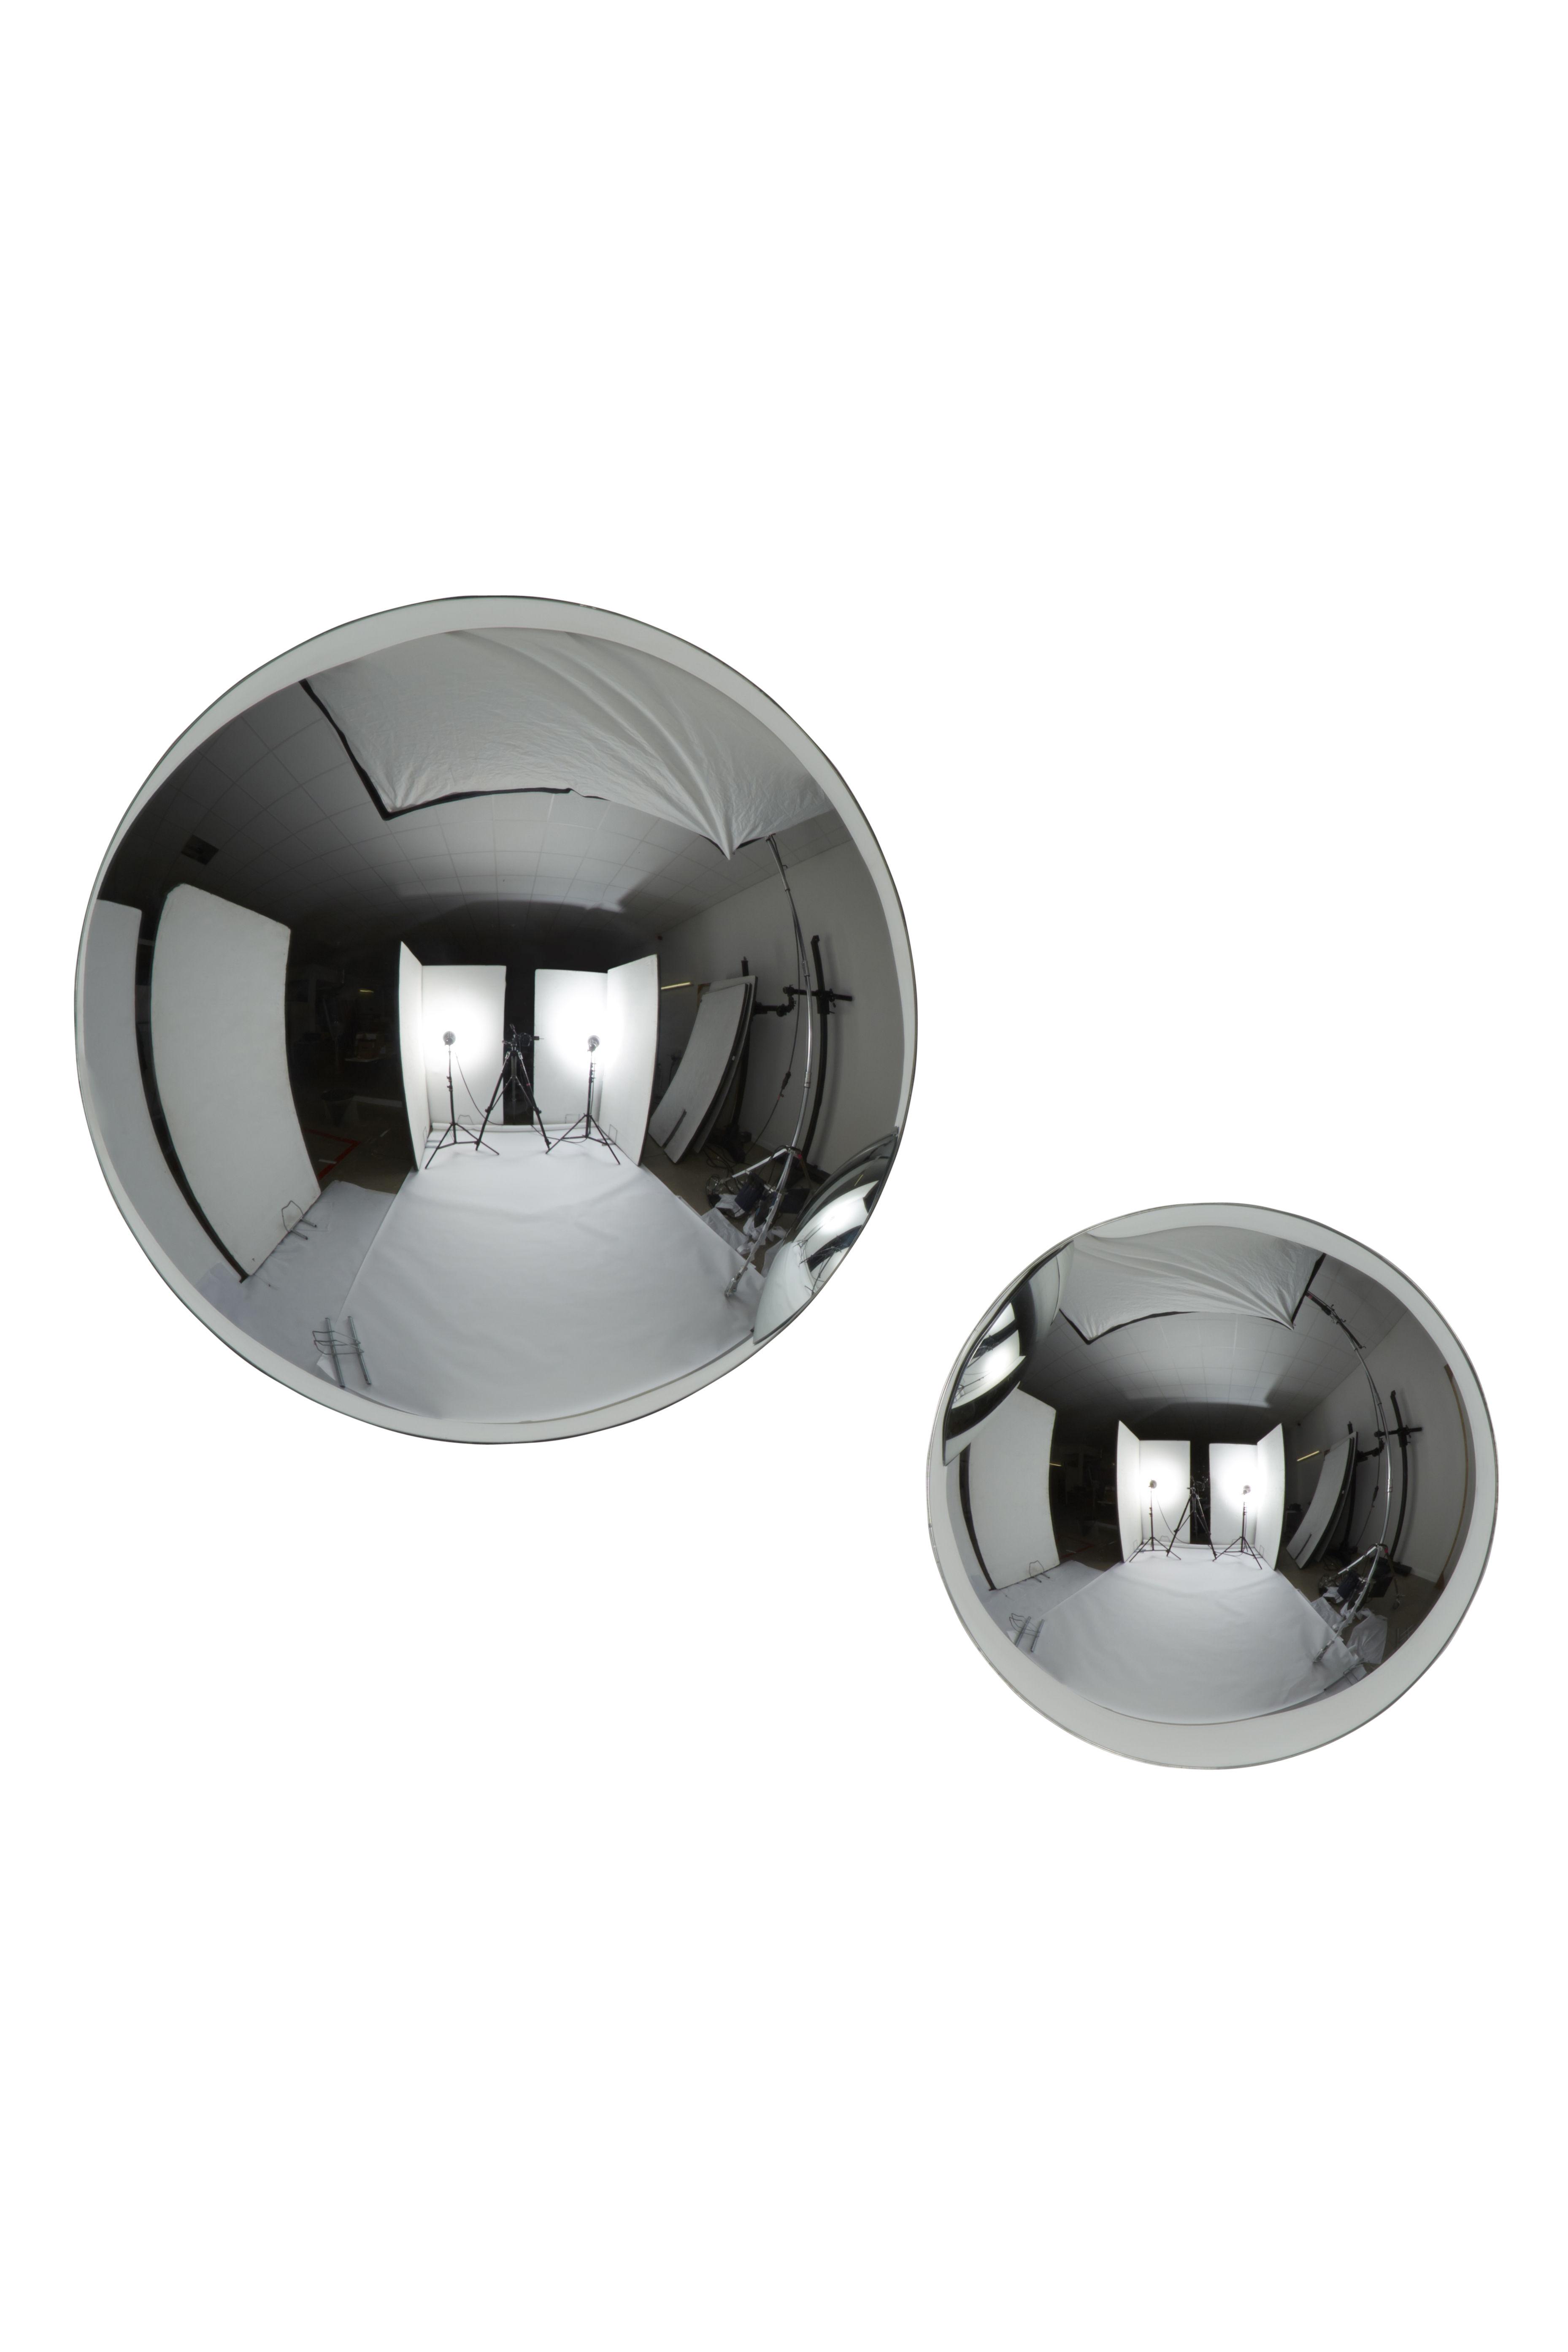 Miroir dome convexe 40 cm chrom tom dixon for Miroir convexe